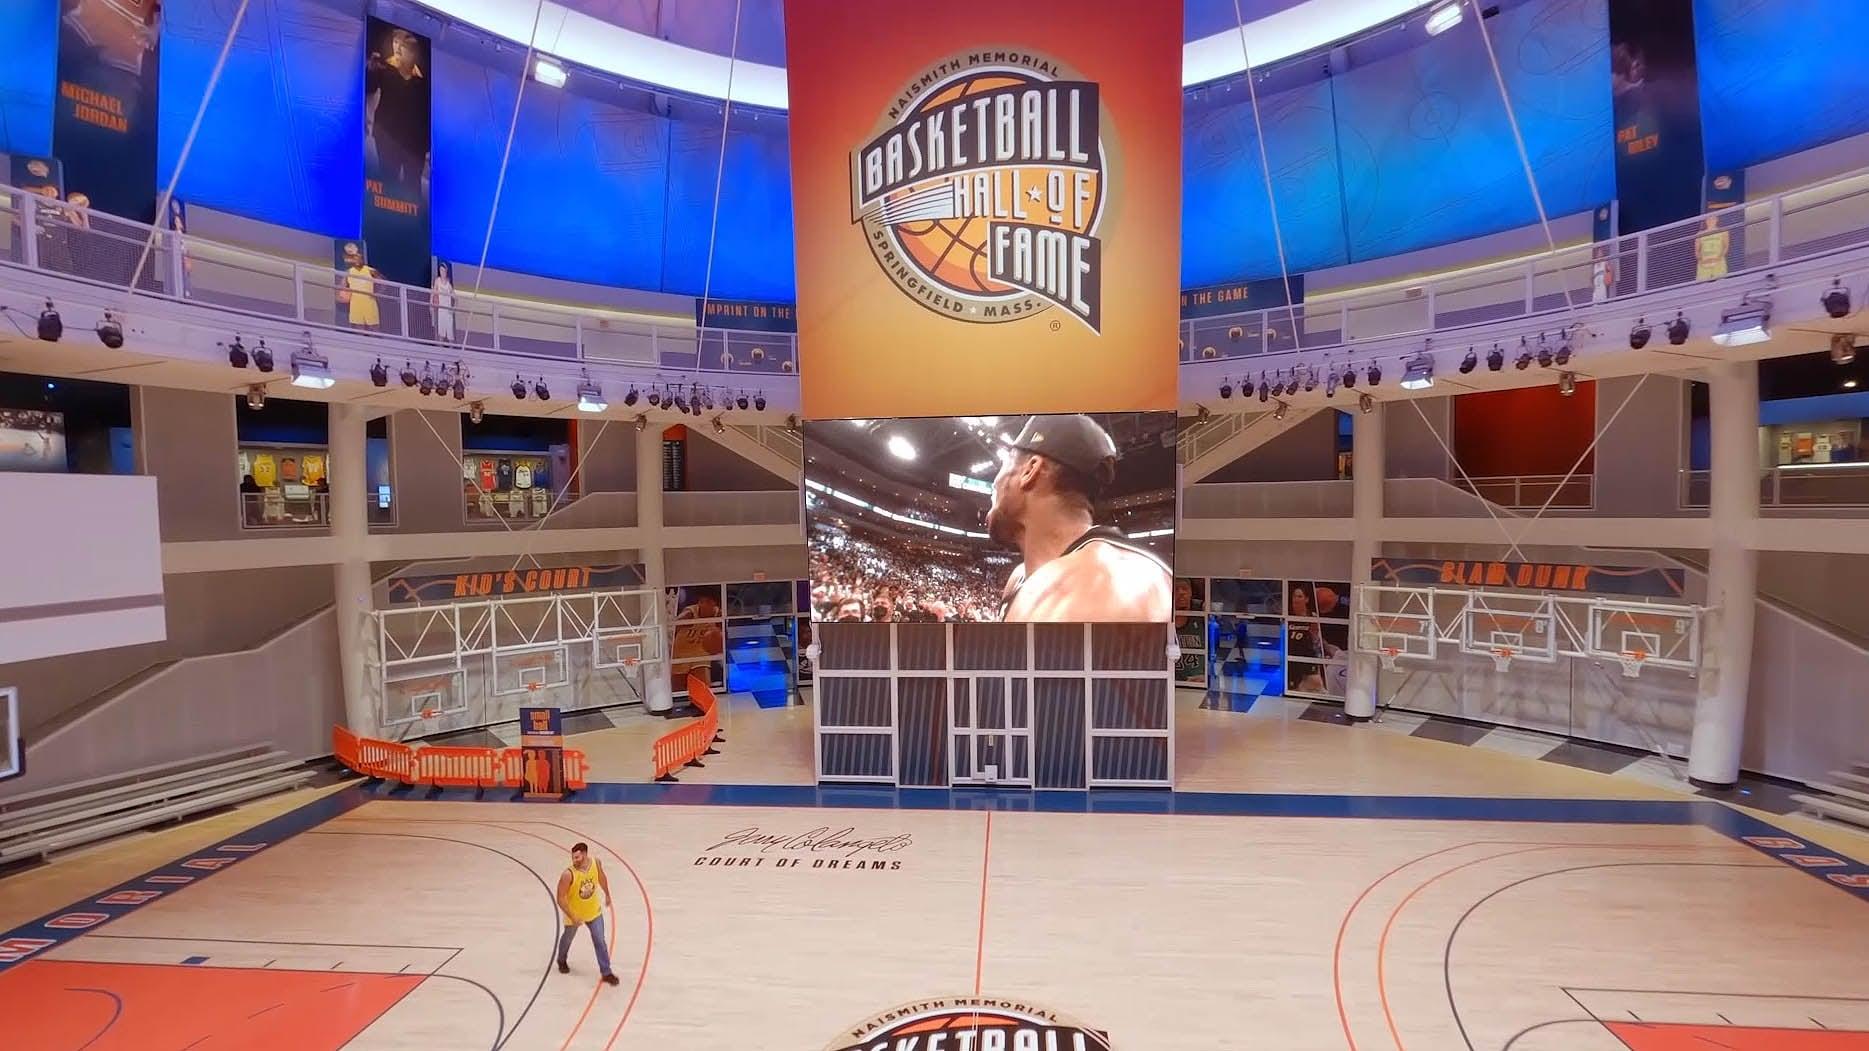 The Basketball Hall of Fame intros the NBA's 75th Anniversary season